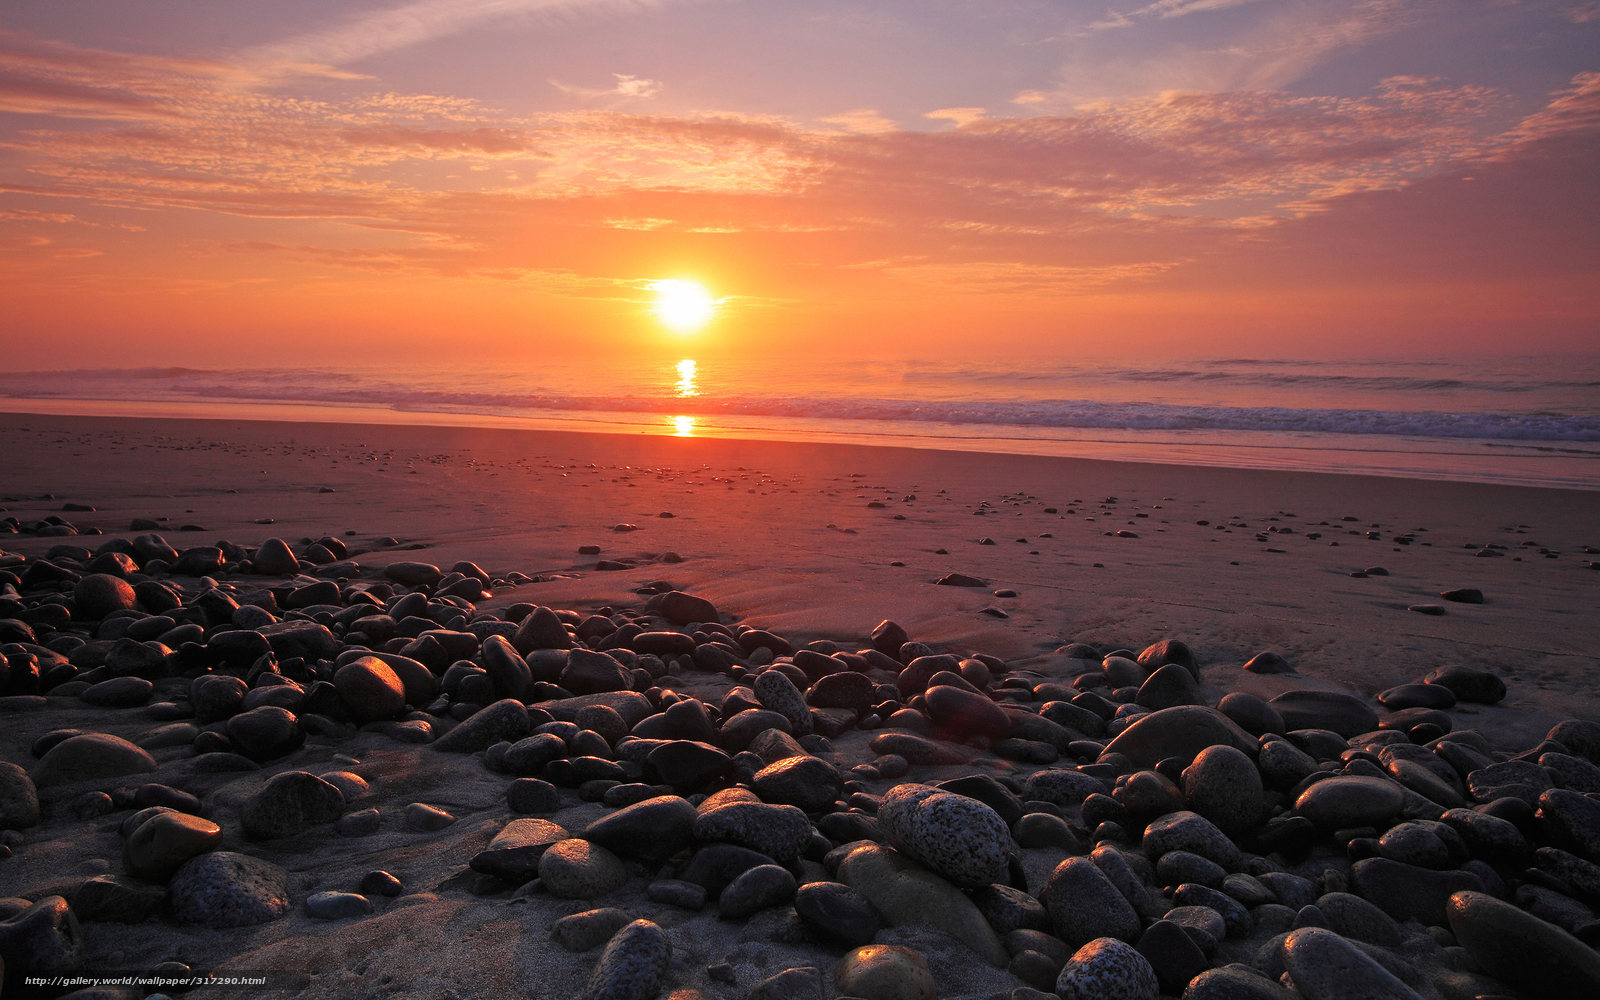 Scaricare gli sfondi paesaggi bellissimi tramonti for Sfondi paesaggi bellissimi